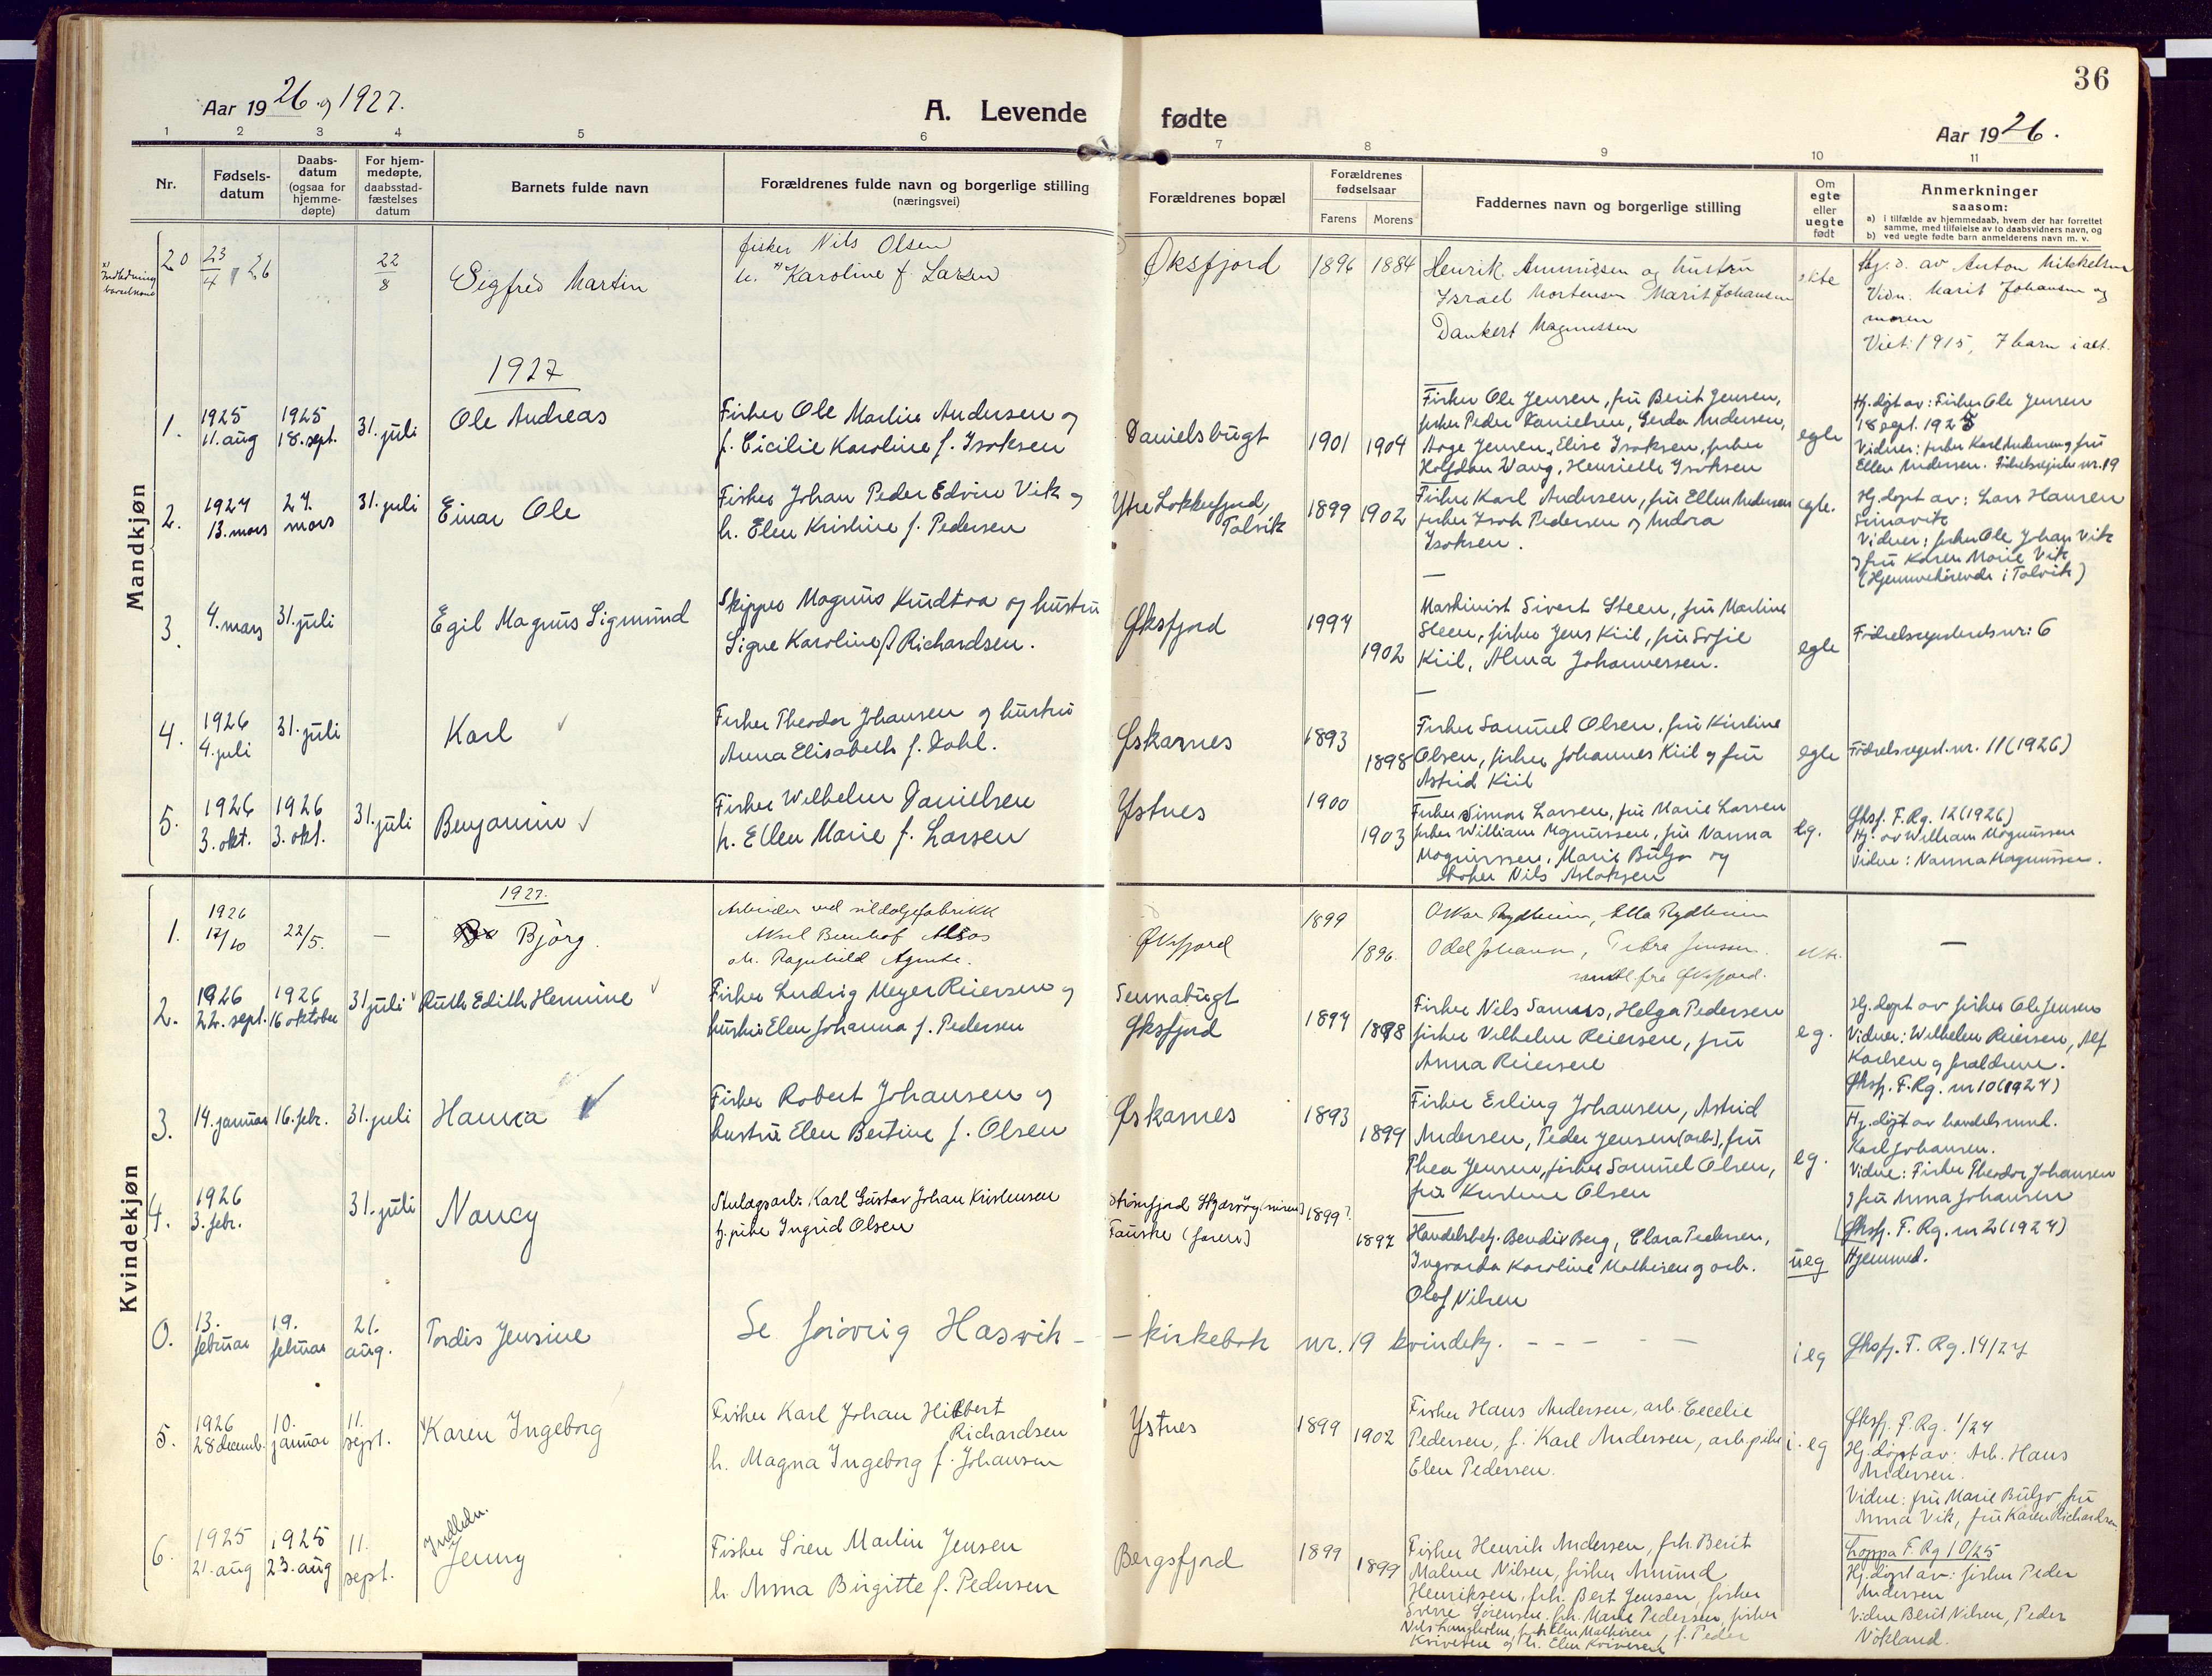 SATØ, Loppa sokneprestkontor, H/Ha/L0012kirke: Ministerialbok nr. 12, 1917-1932, s. 36